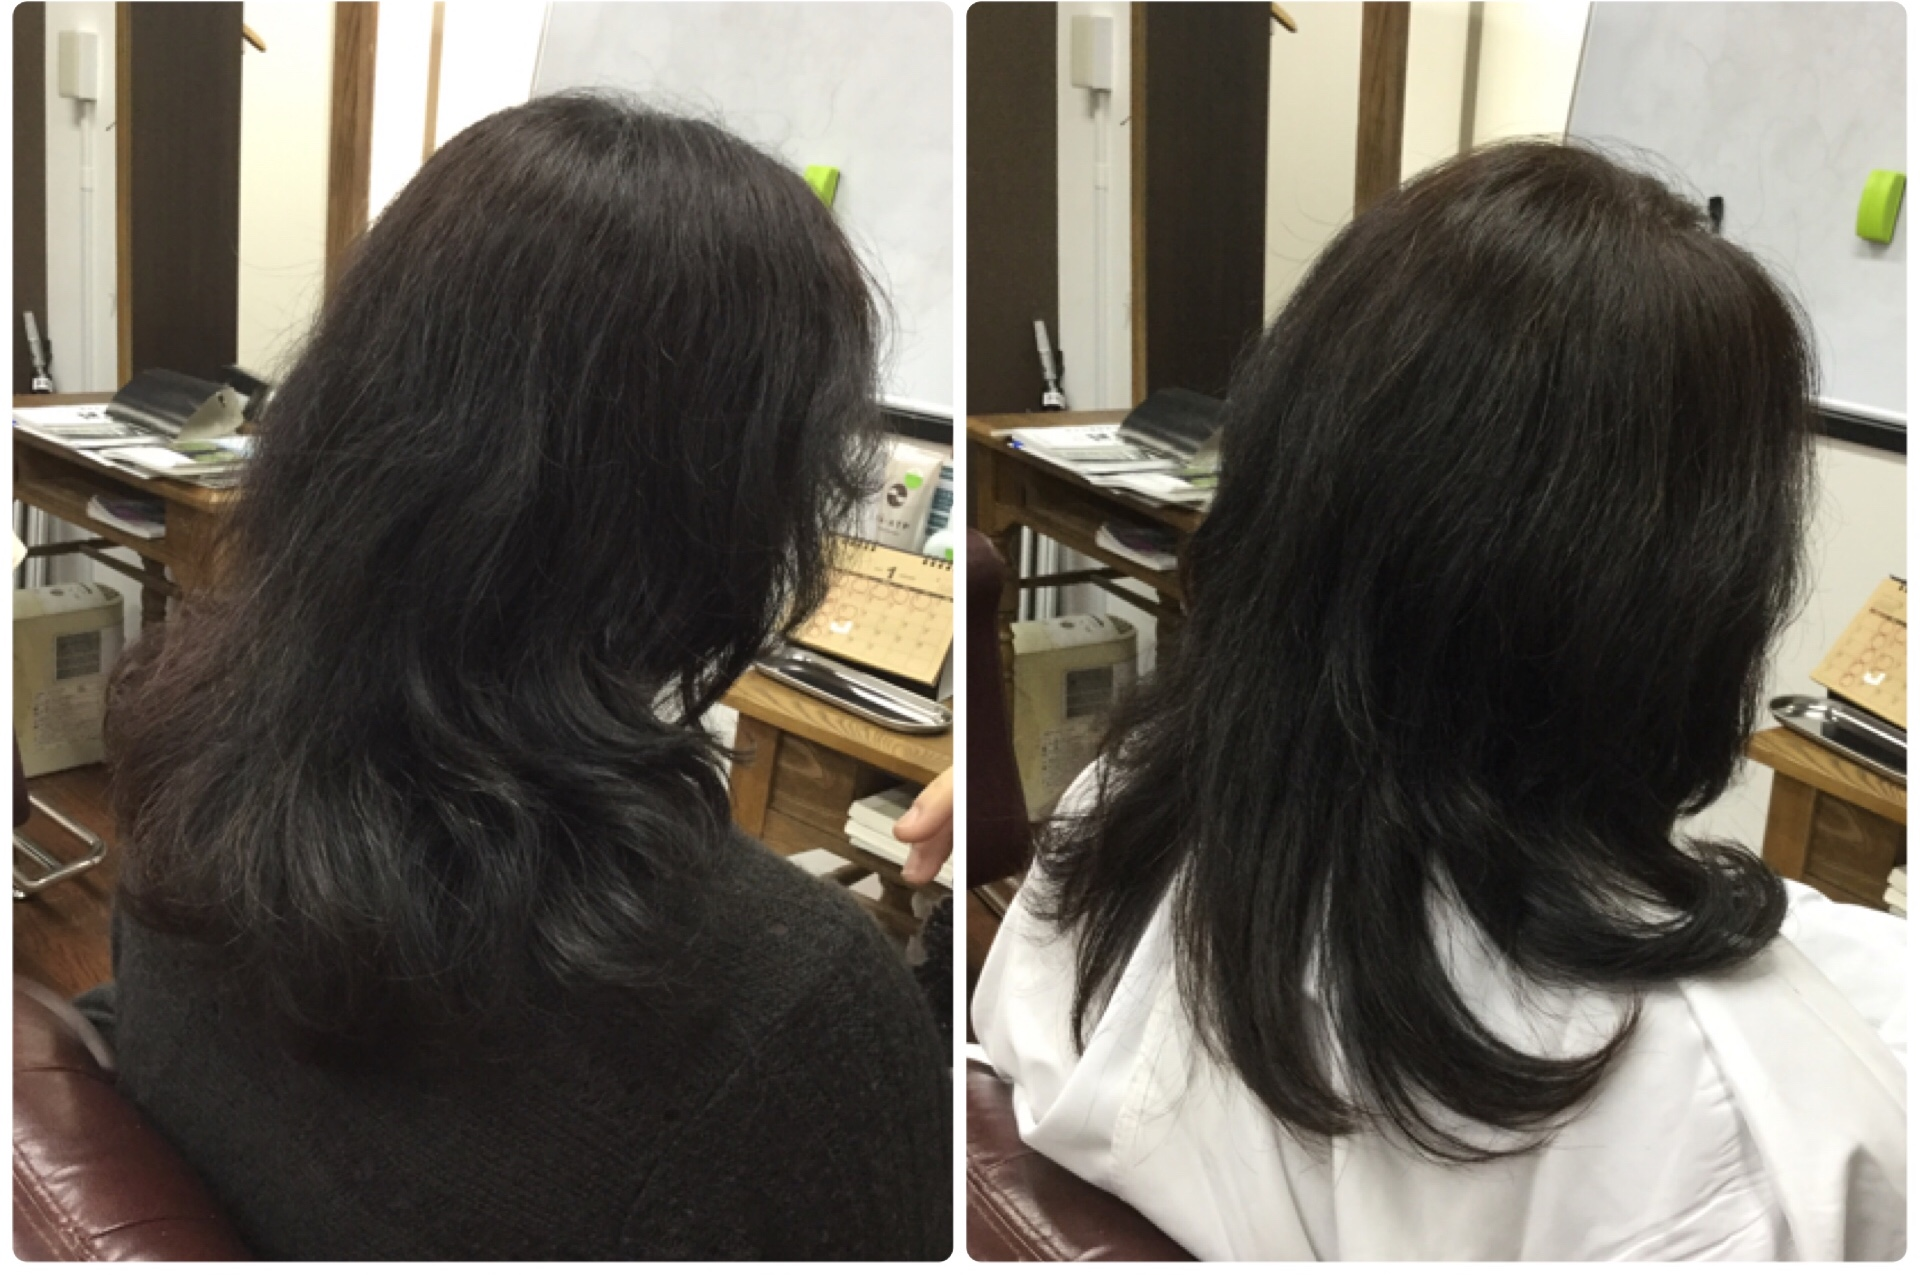 くせ毛多毛はボブやショートスタイルなんかしちゃダメ!神戸くせ毛専門美容室アバディ